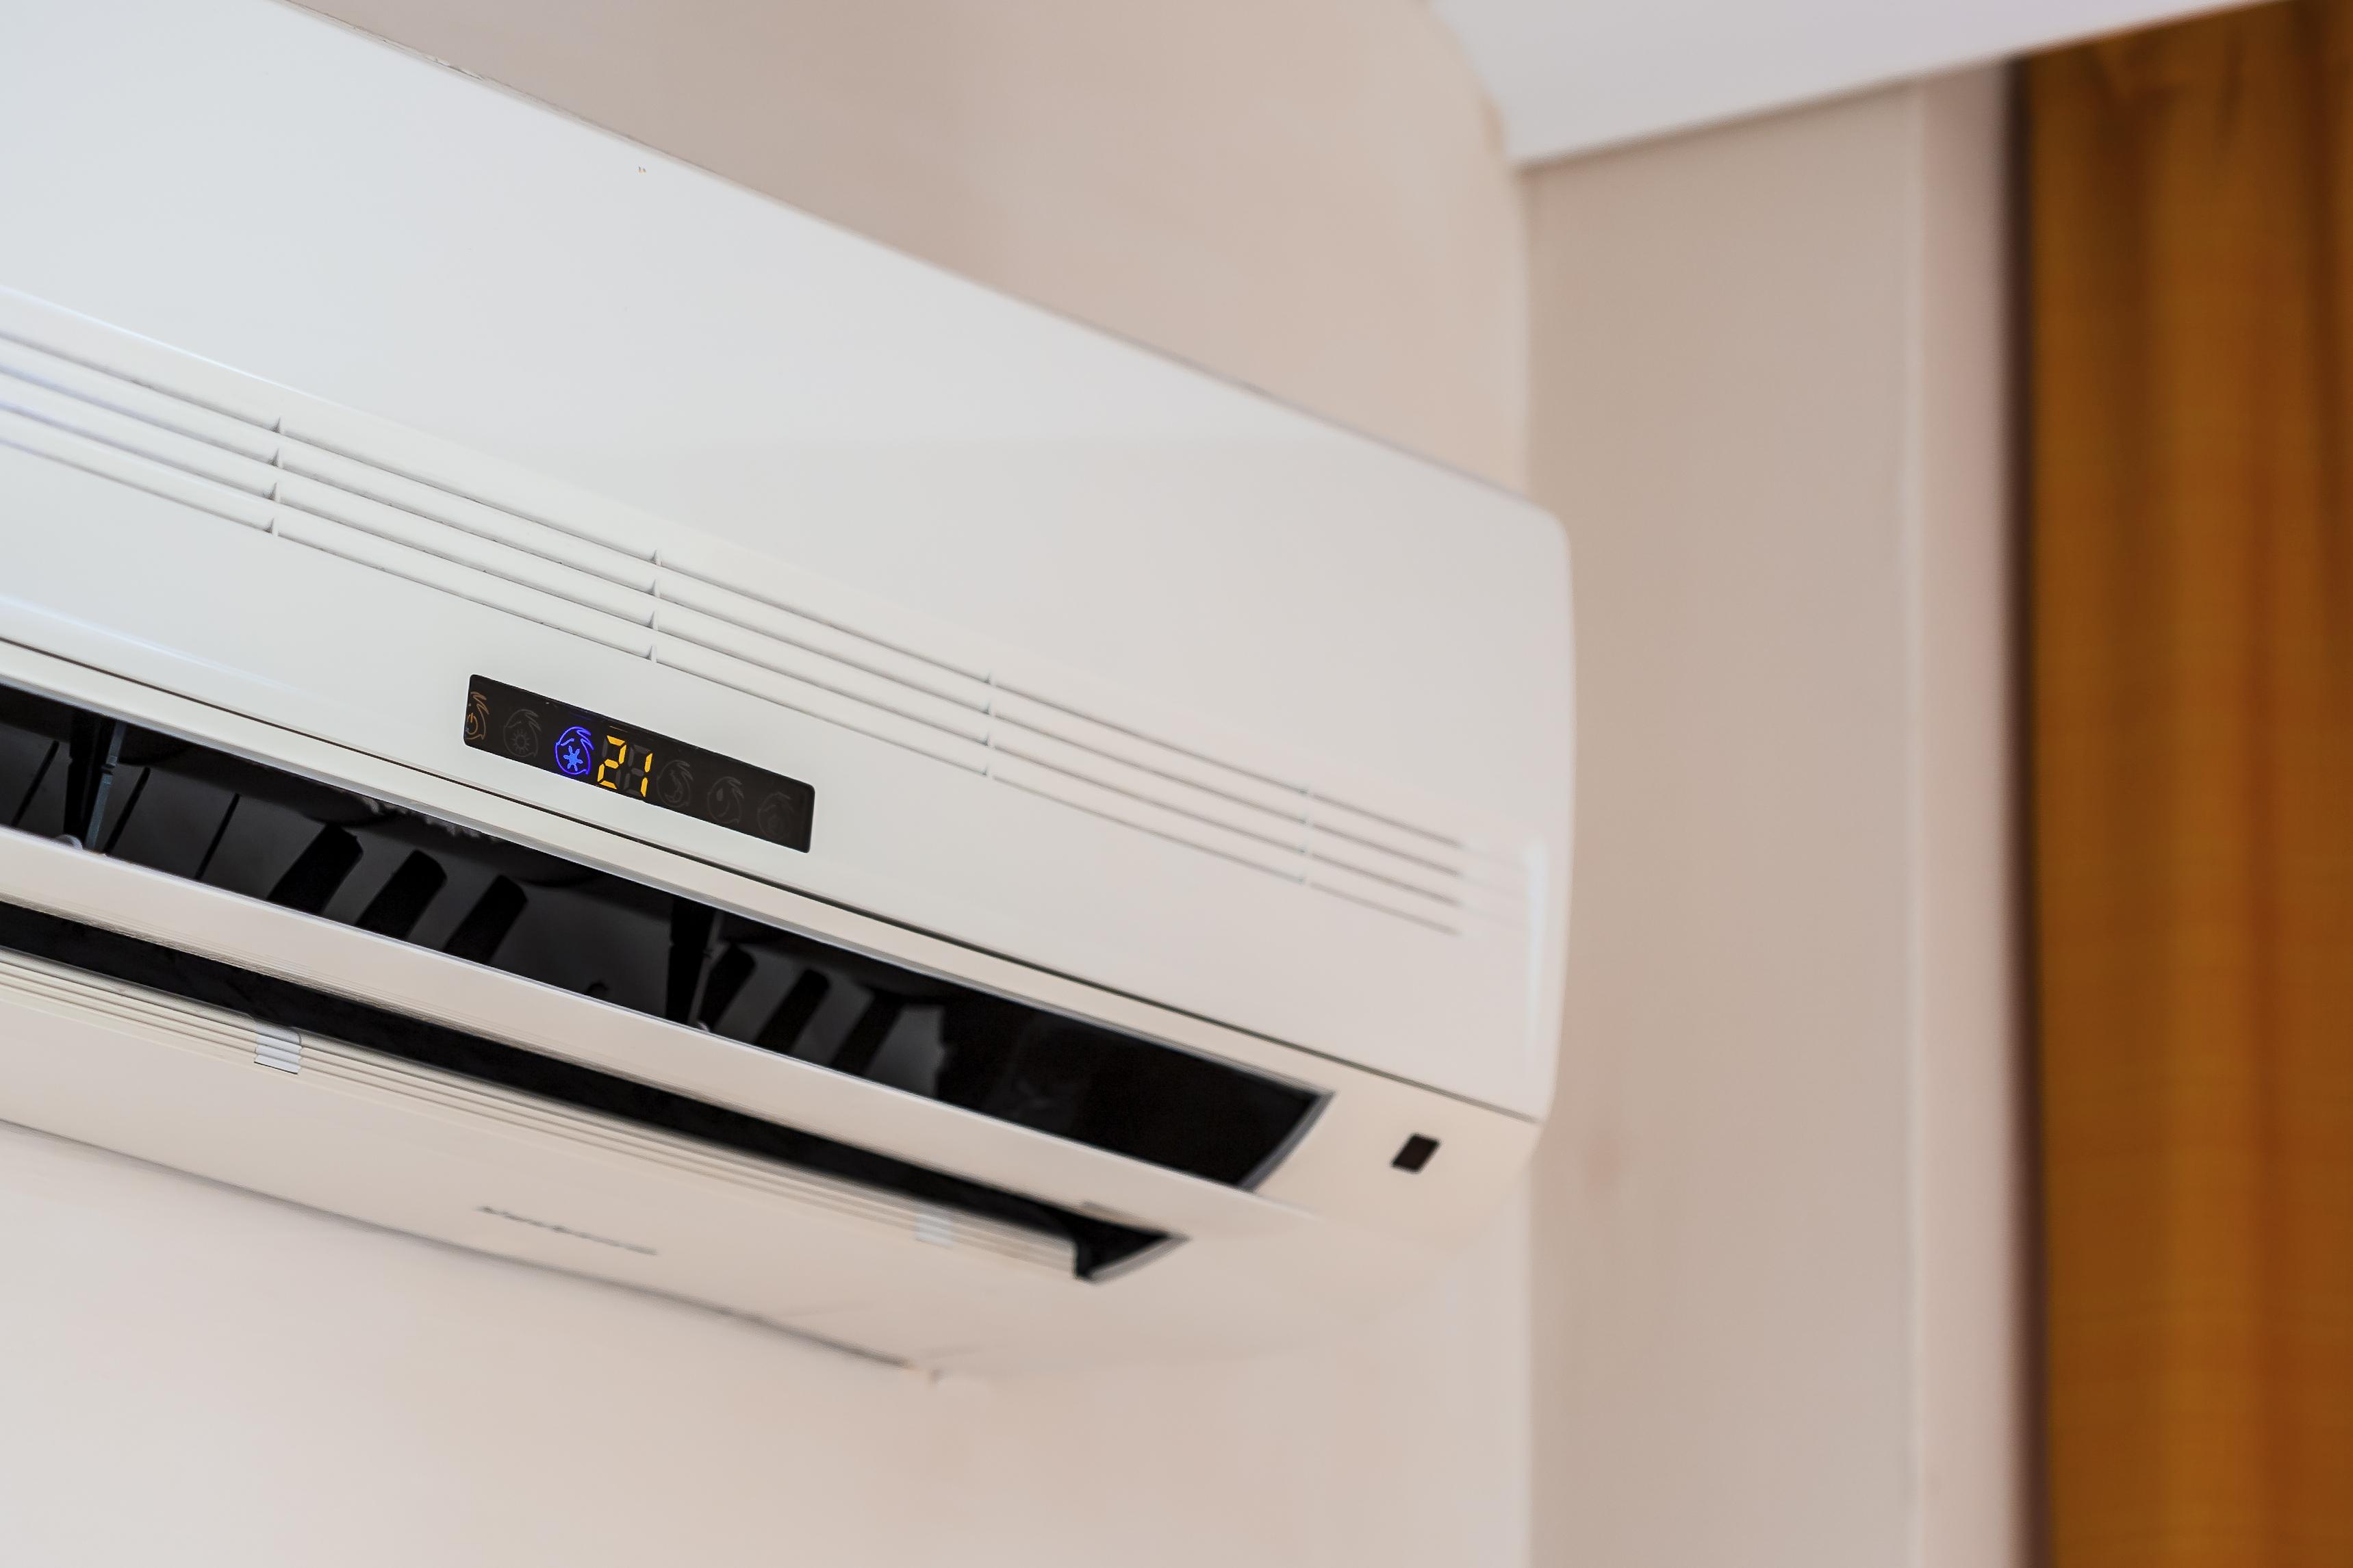 Come usare bene il condizionatore e non sprecare energia for Condizionatore non parte compressore